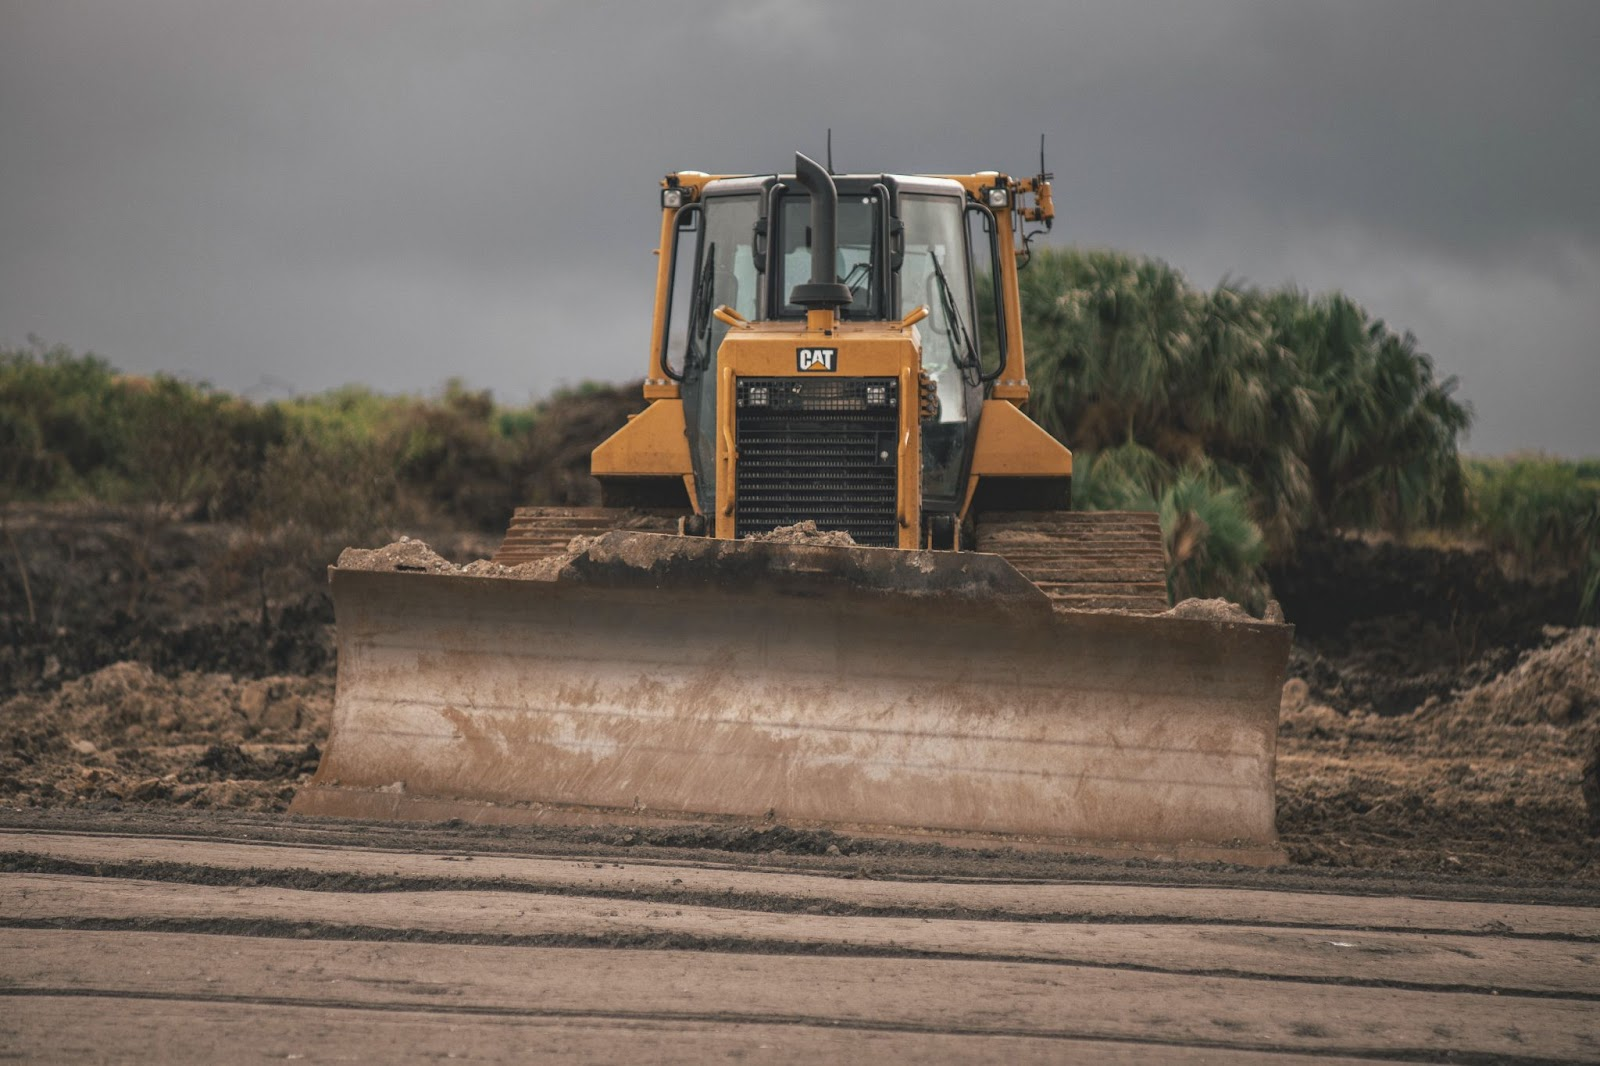 African cars carrier spécialiste des engins lourds et camions au togo comme les bulldozer